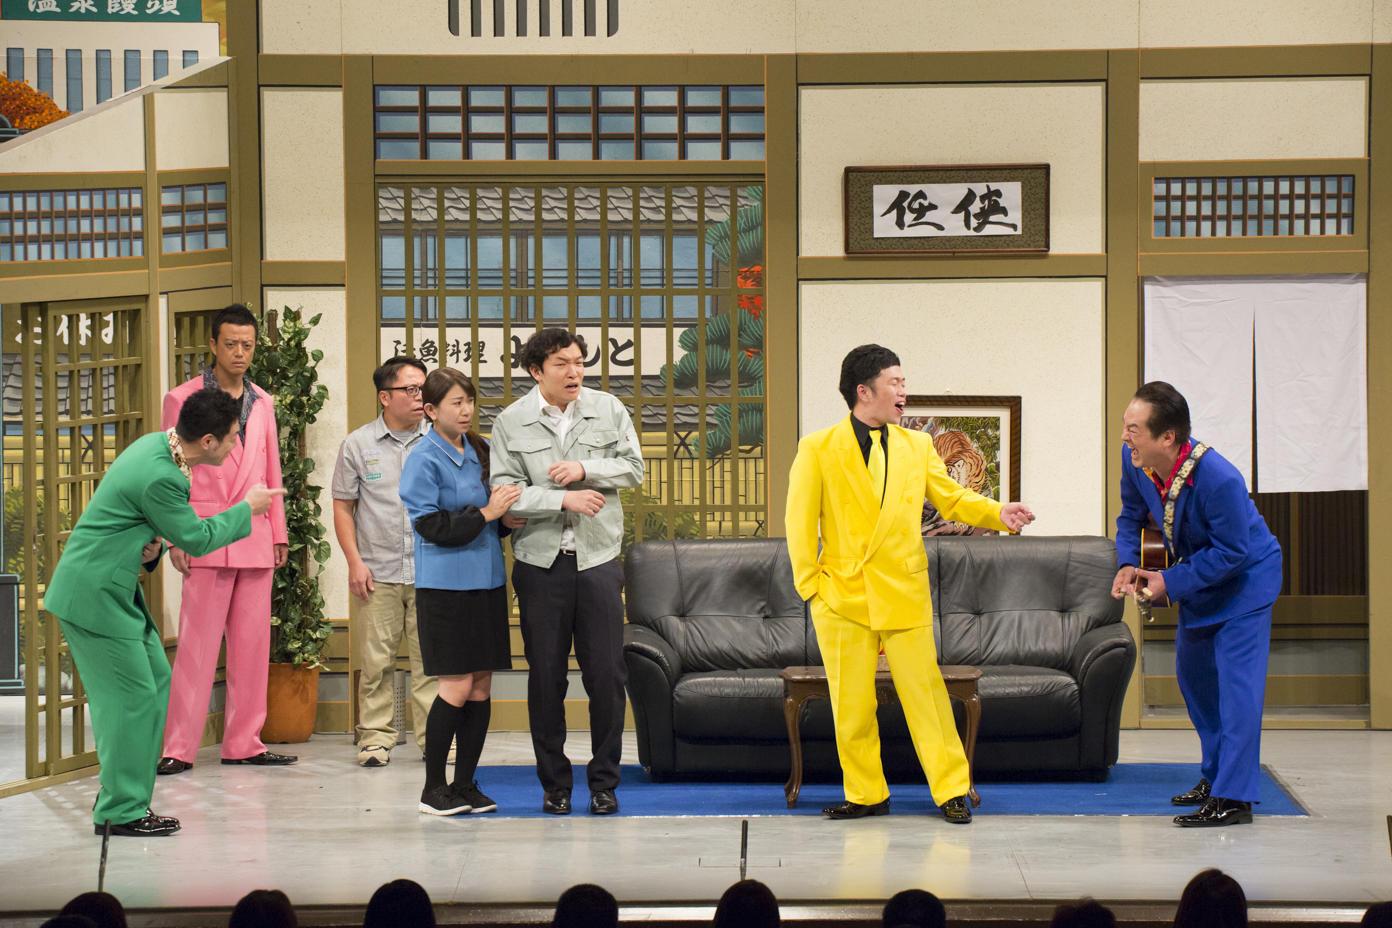 http://news.yoshimoto.co.jp/20161030041728-ac94f198b9a581f2a42f123a98ba608846bbb441.jpg